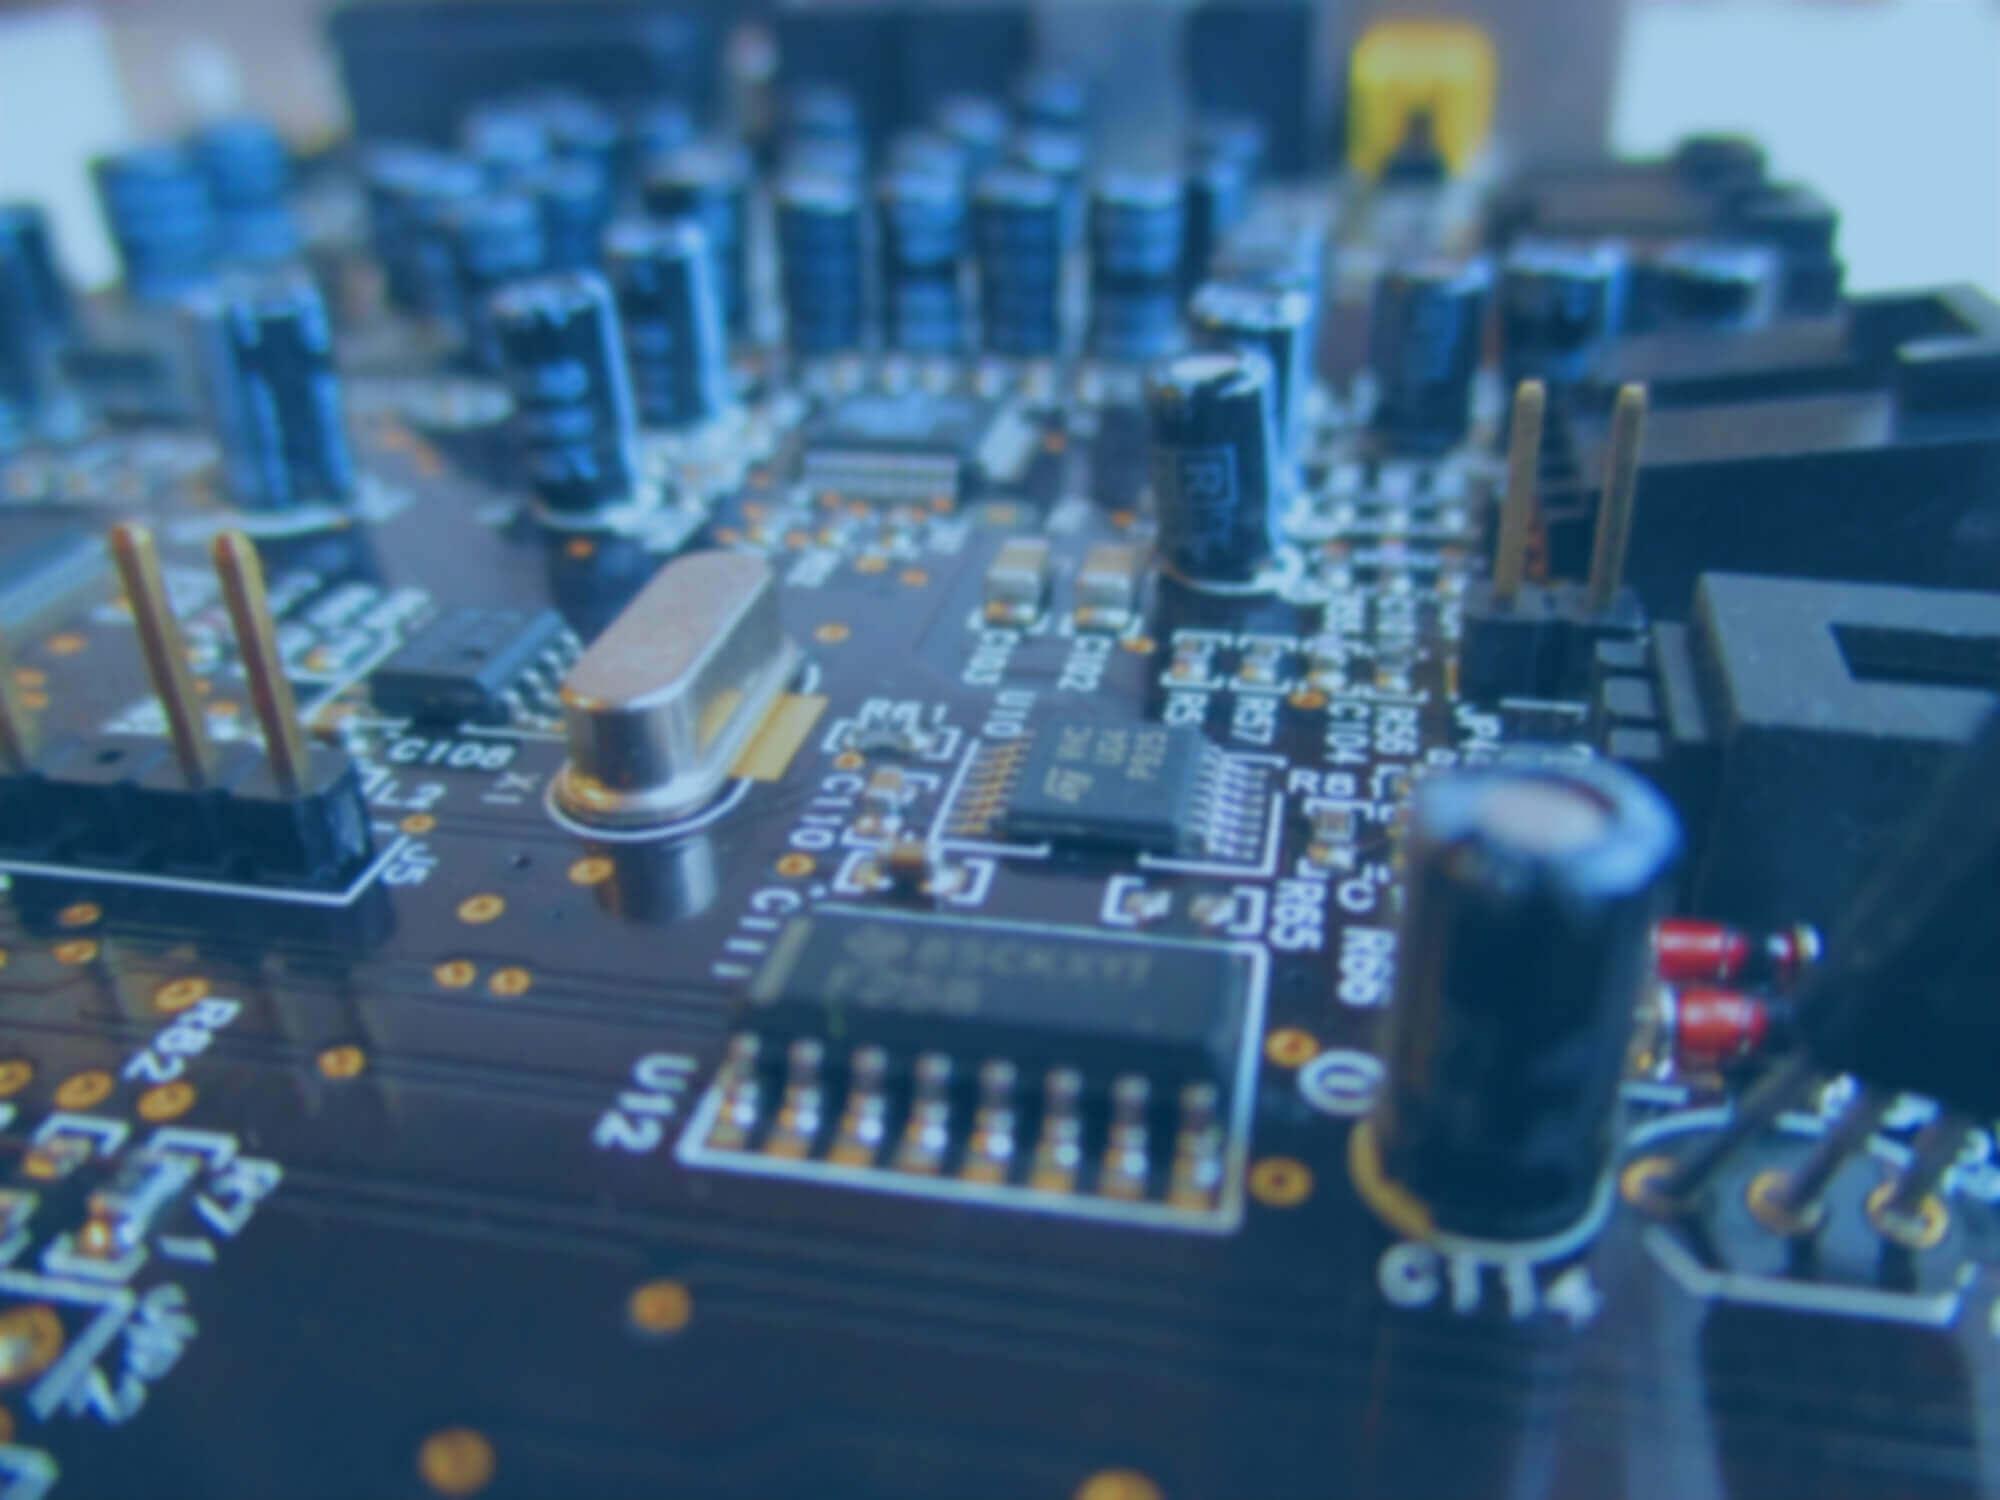 circuit-board-973311_1920